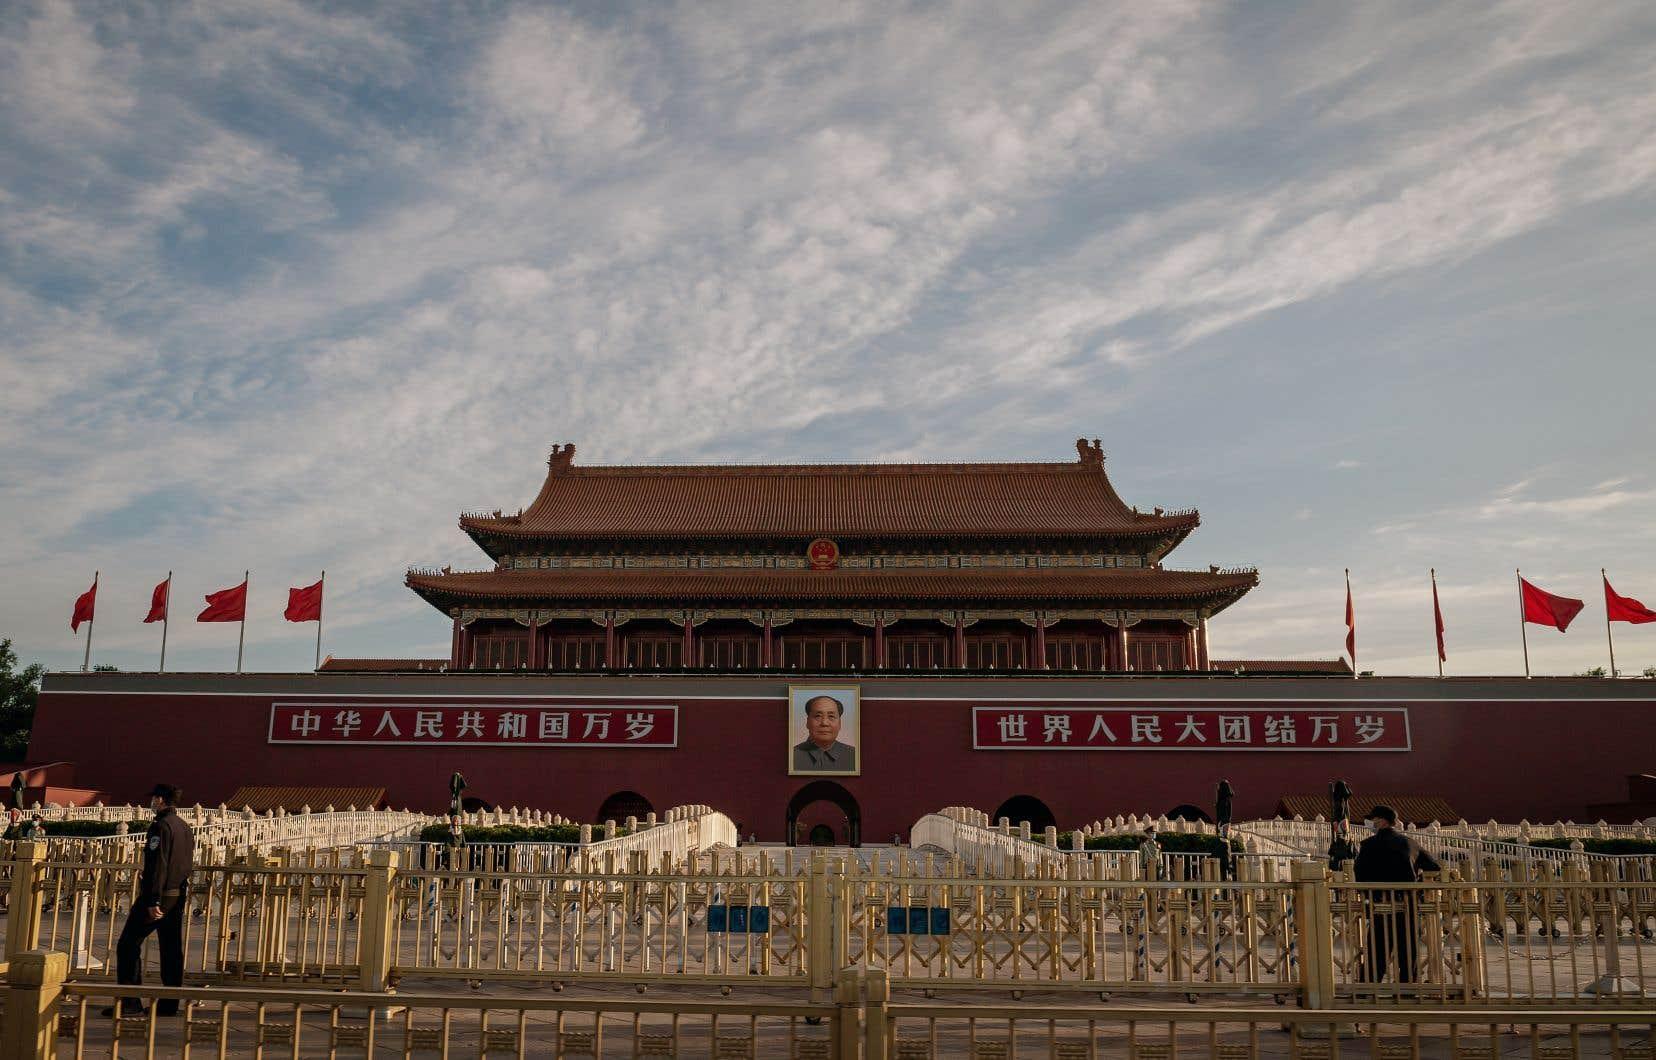 Cette veillée attire chaque année des foules sur le territoire, à la mémoire des victimes de la sanglante intervention de l'armée chinoise le 4juin 1989 sur la place Tiananmen au cœur de Pékin.